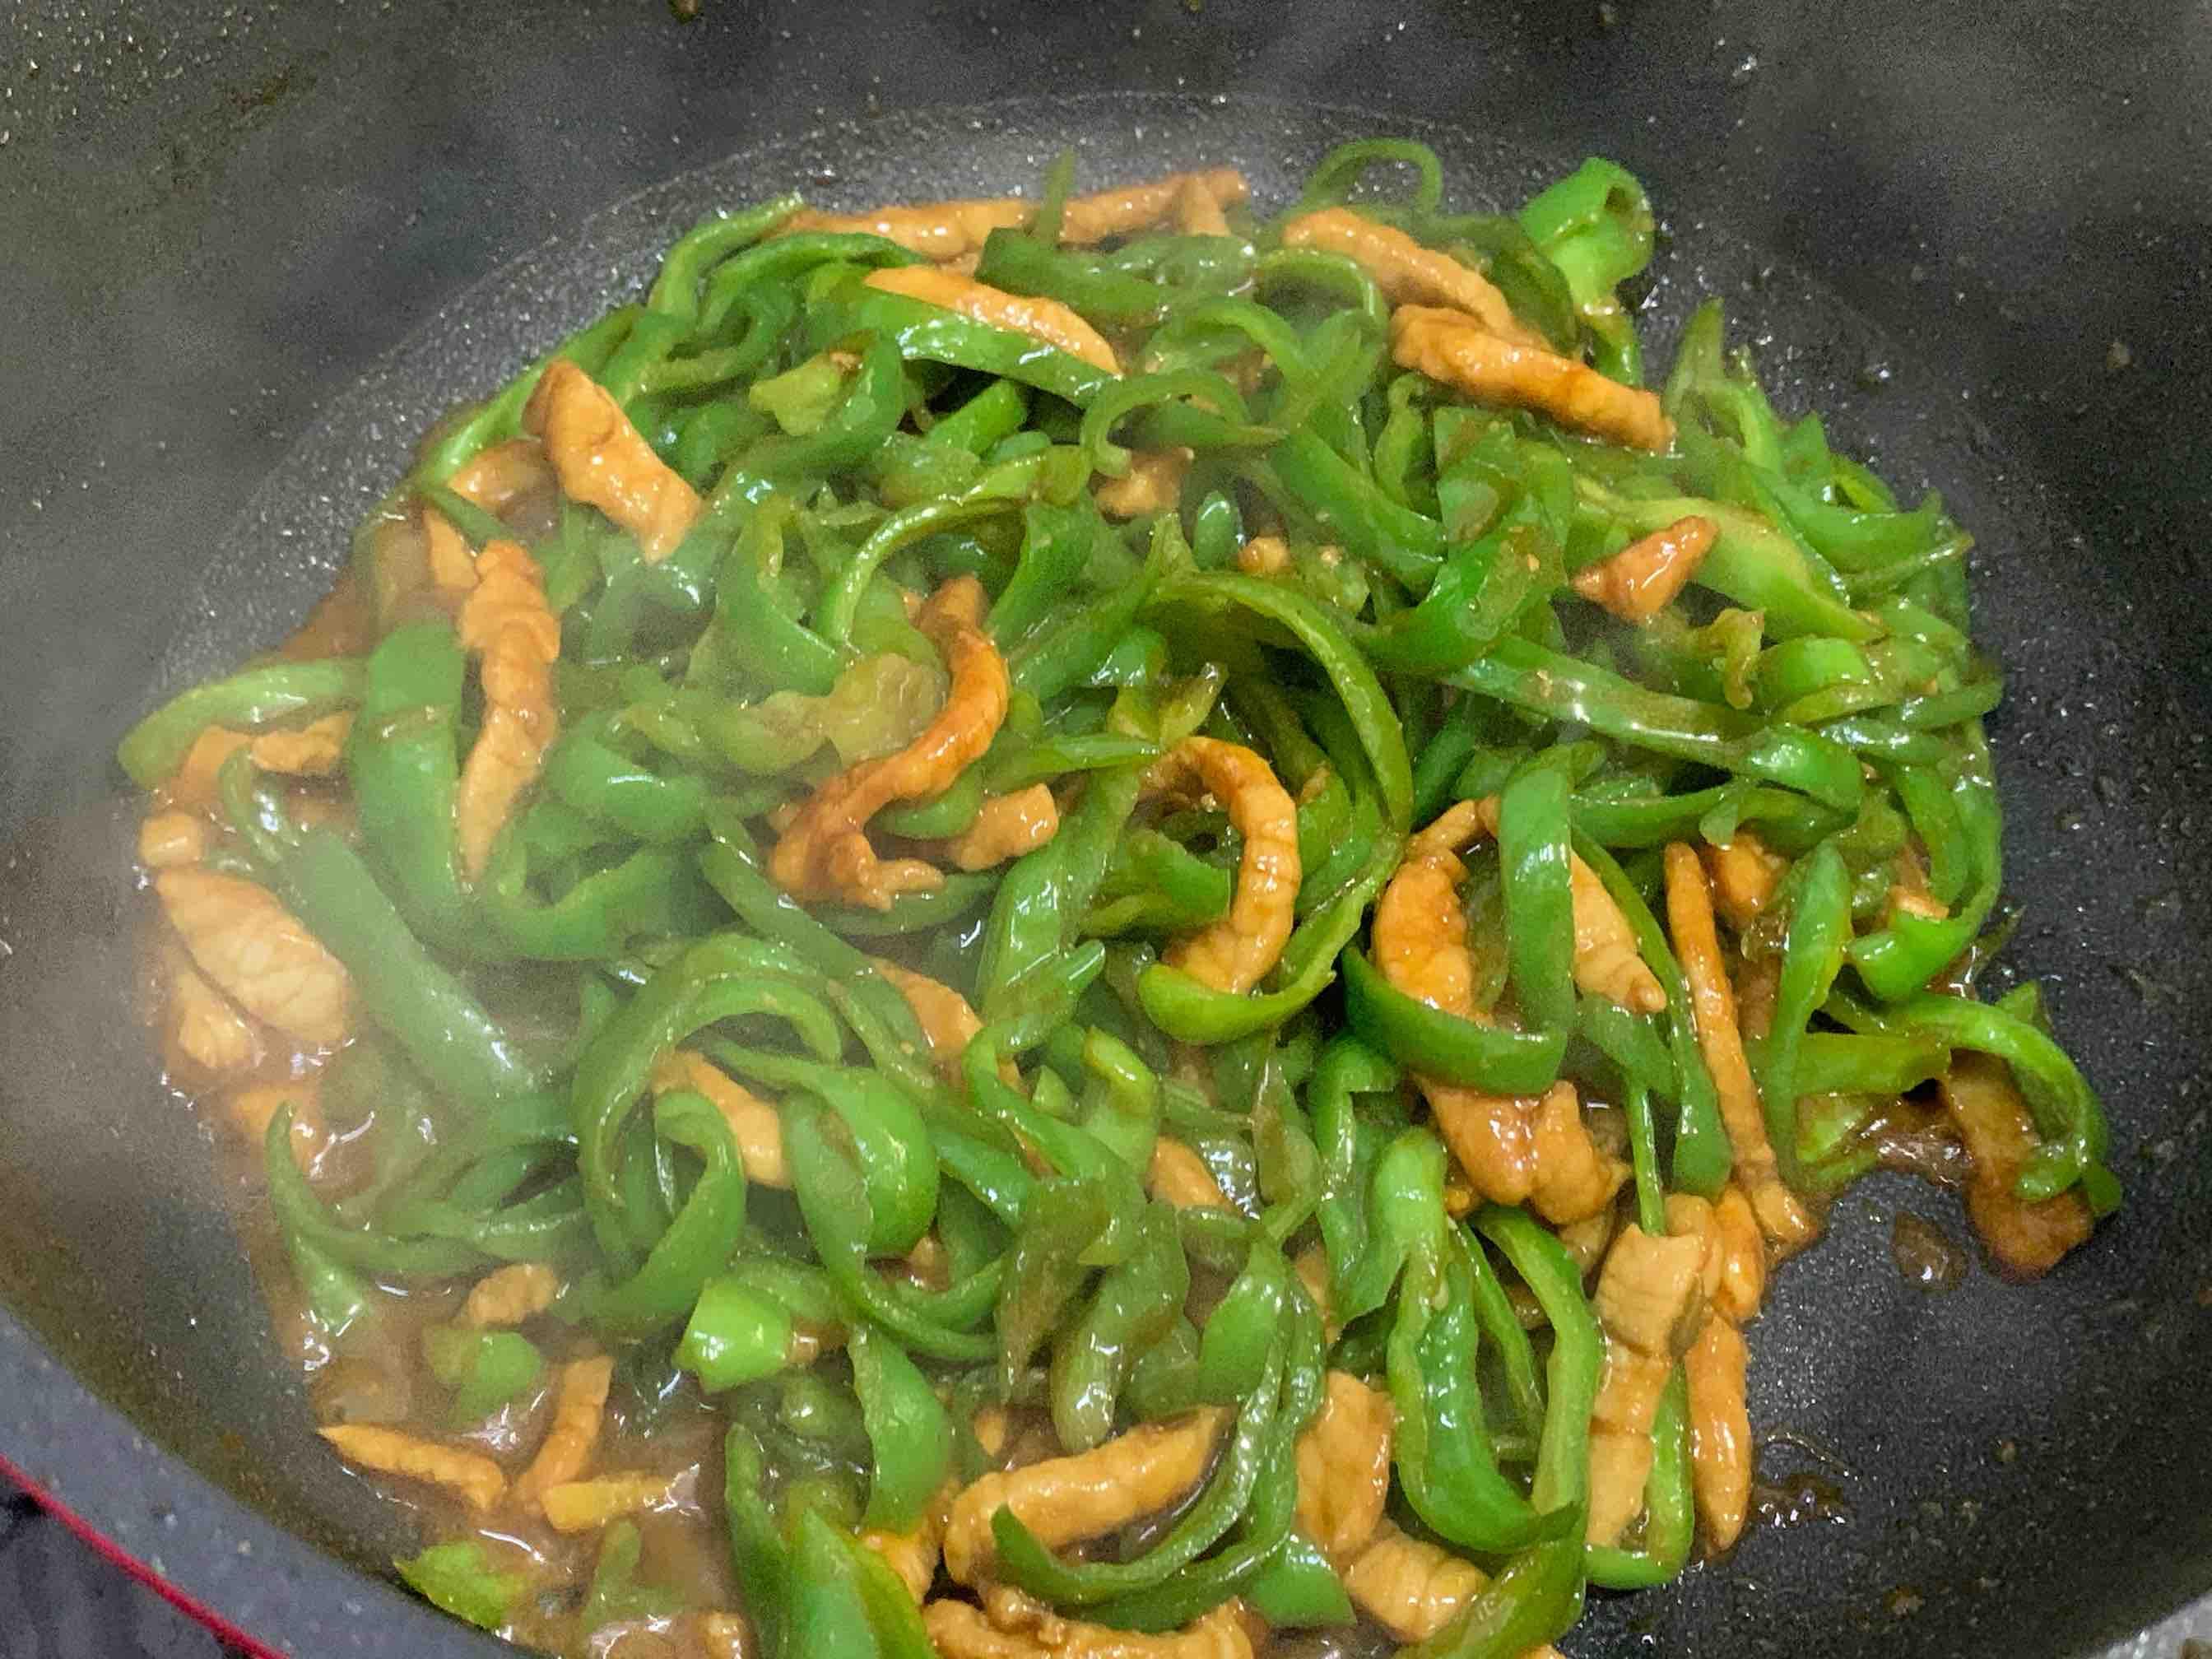 简简单单下饭菜:辣椒炒肉怎么做